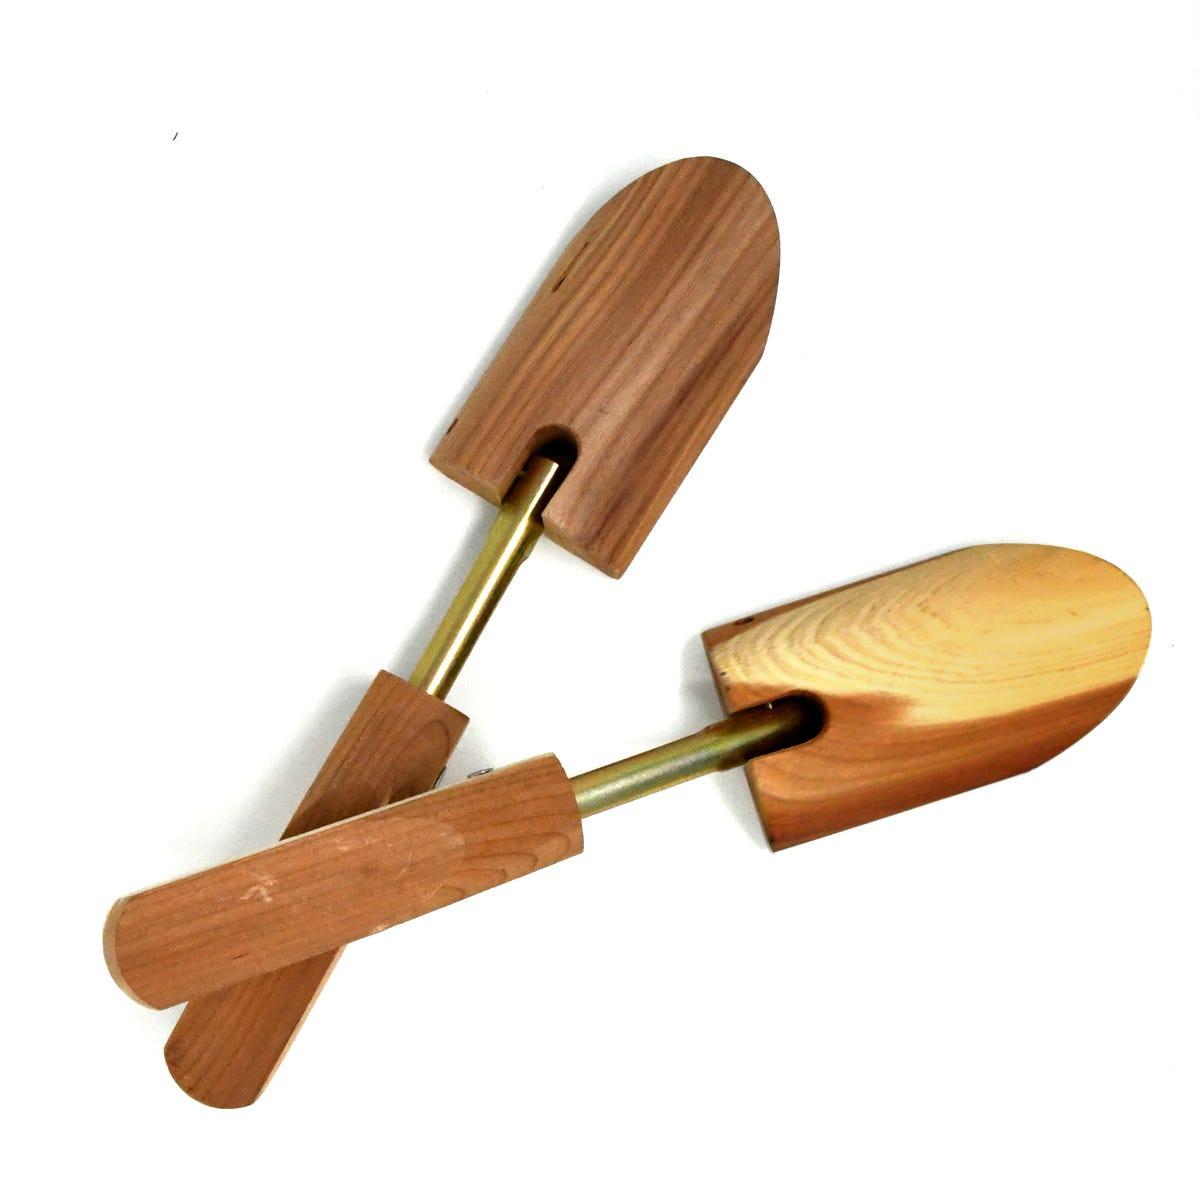 Calzador con mango de madera